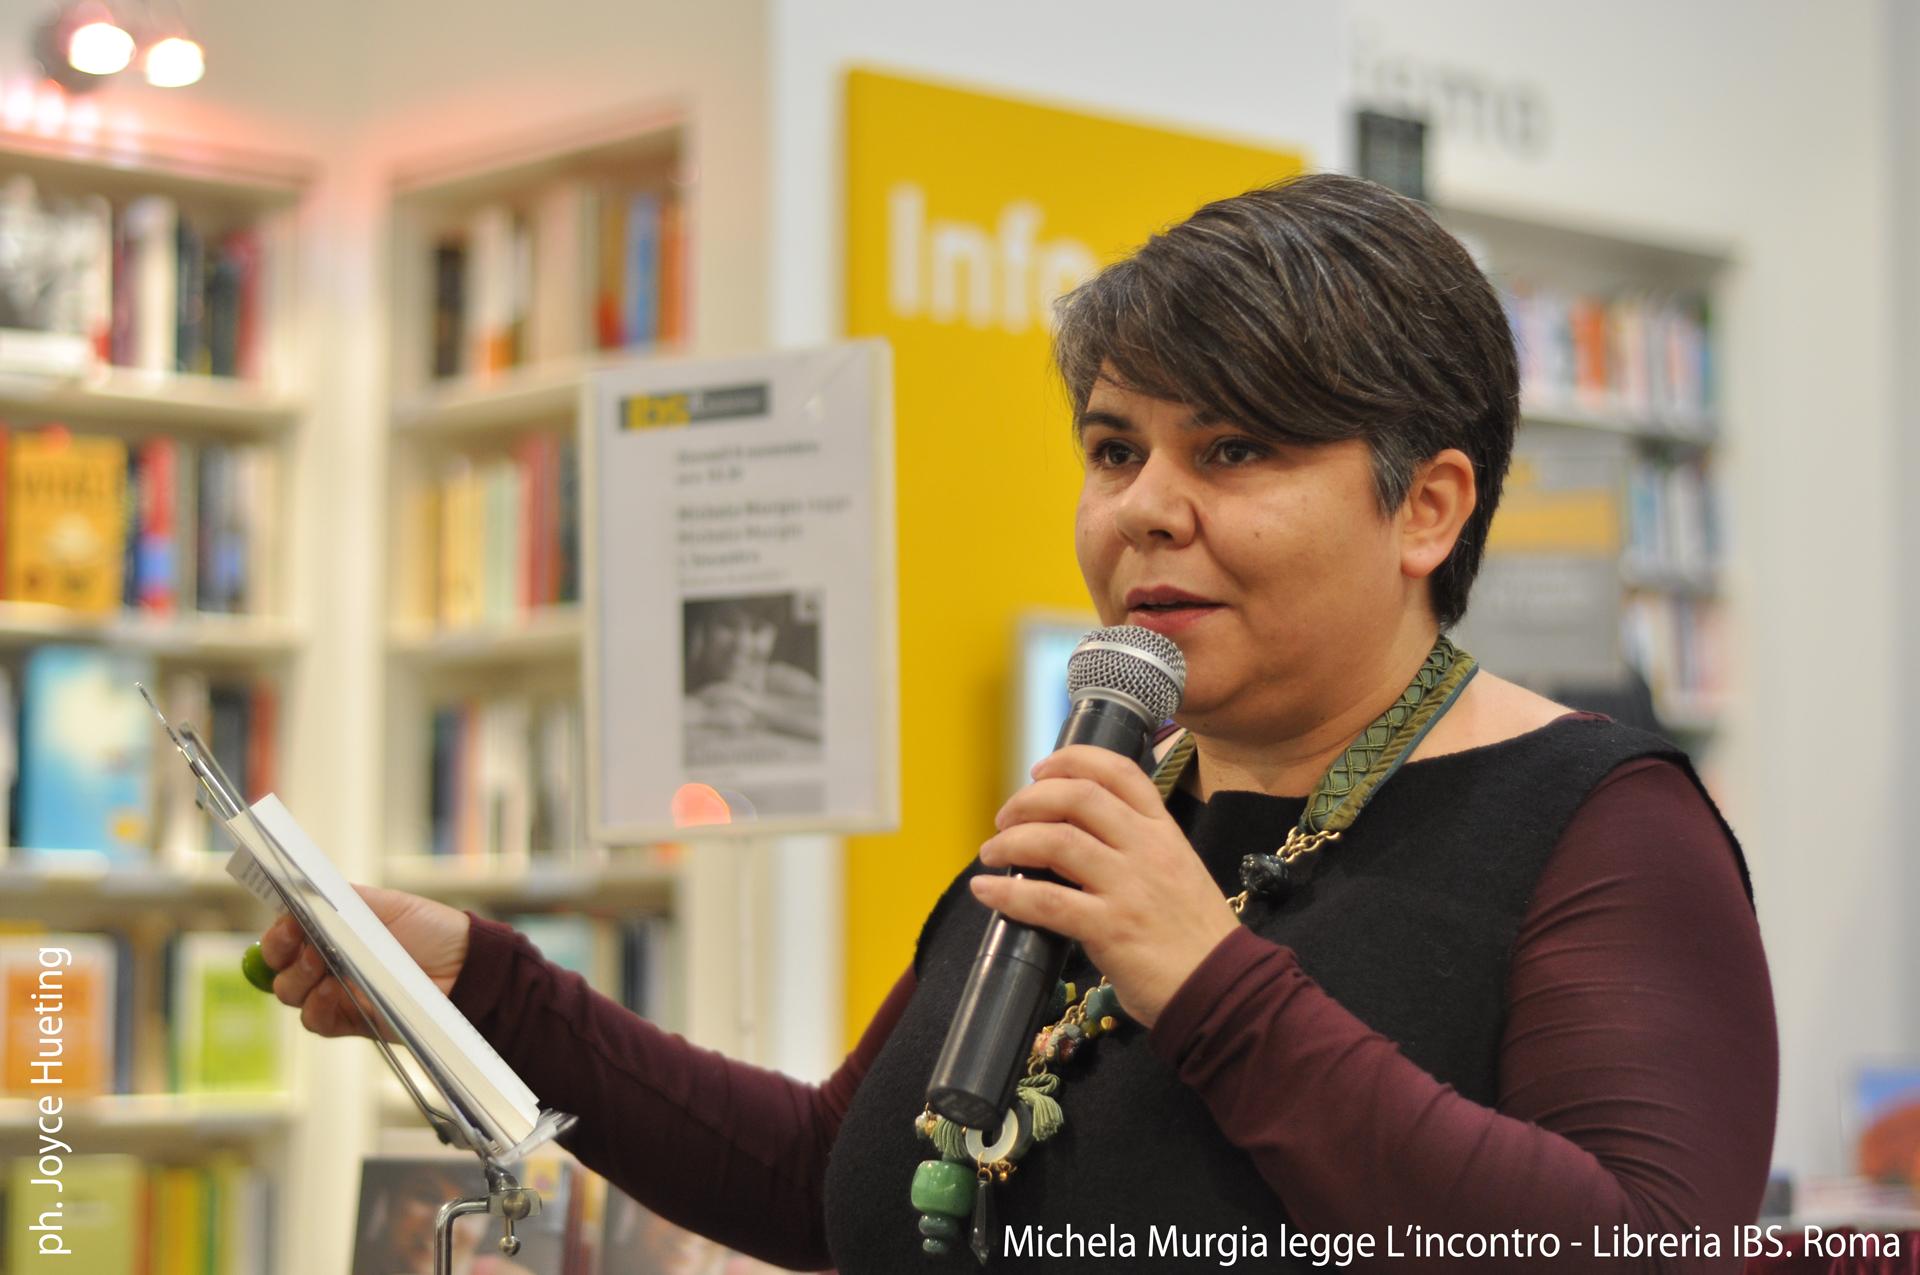 Michela Murgia legge L'incontro a Roma